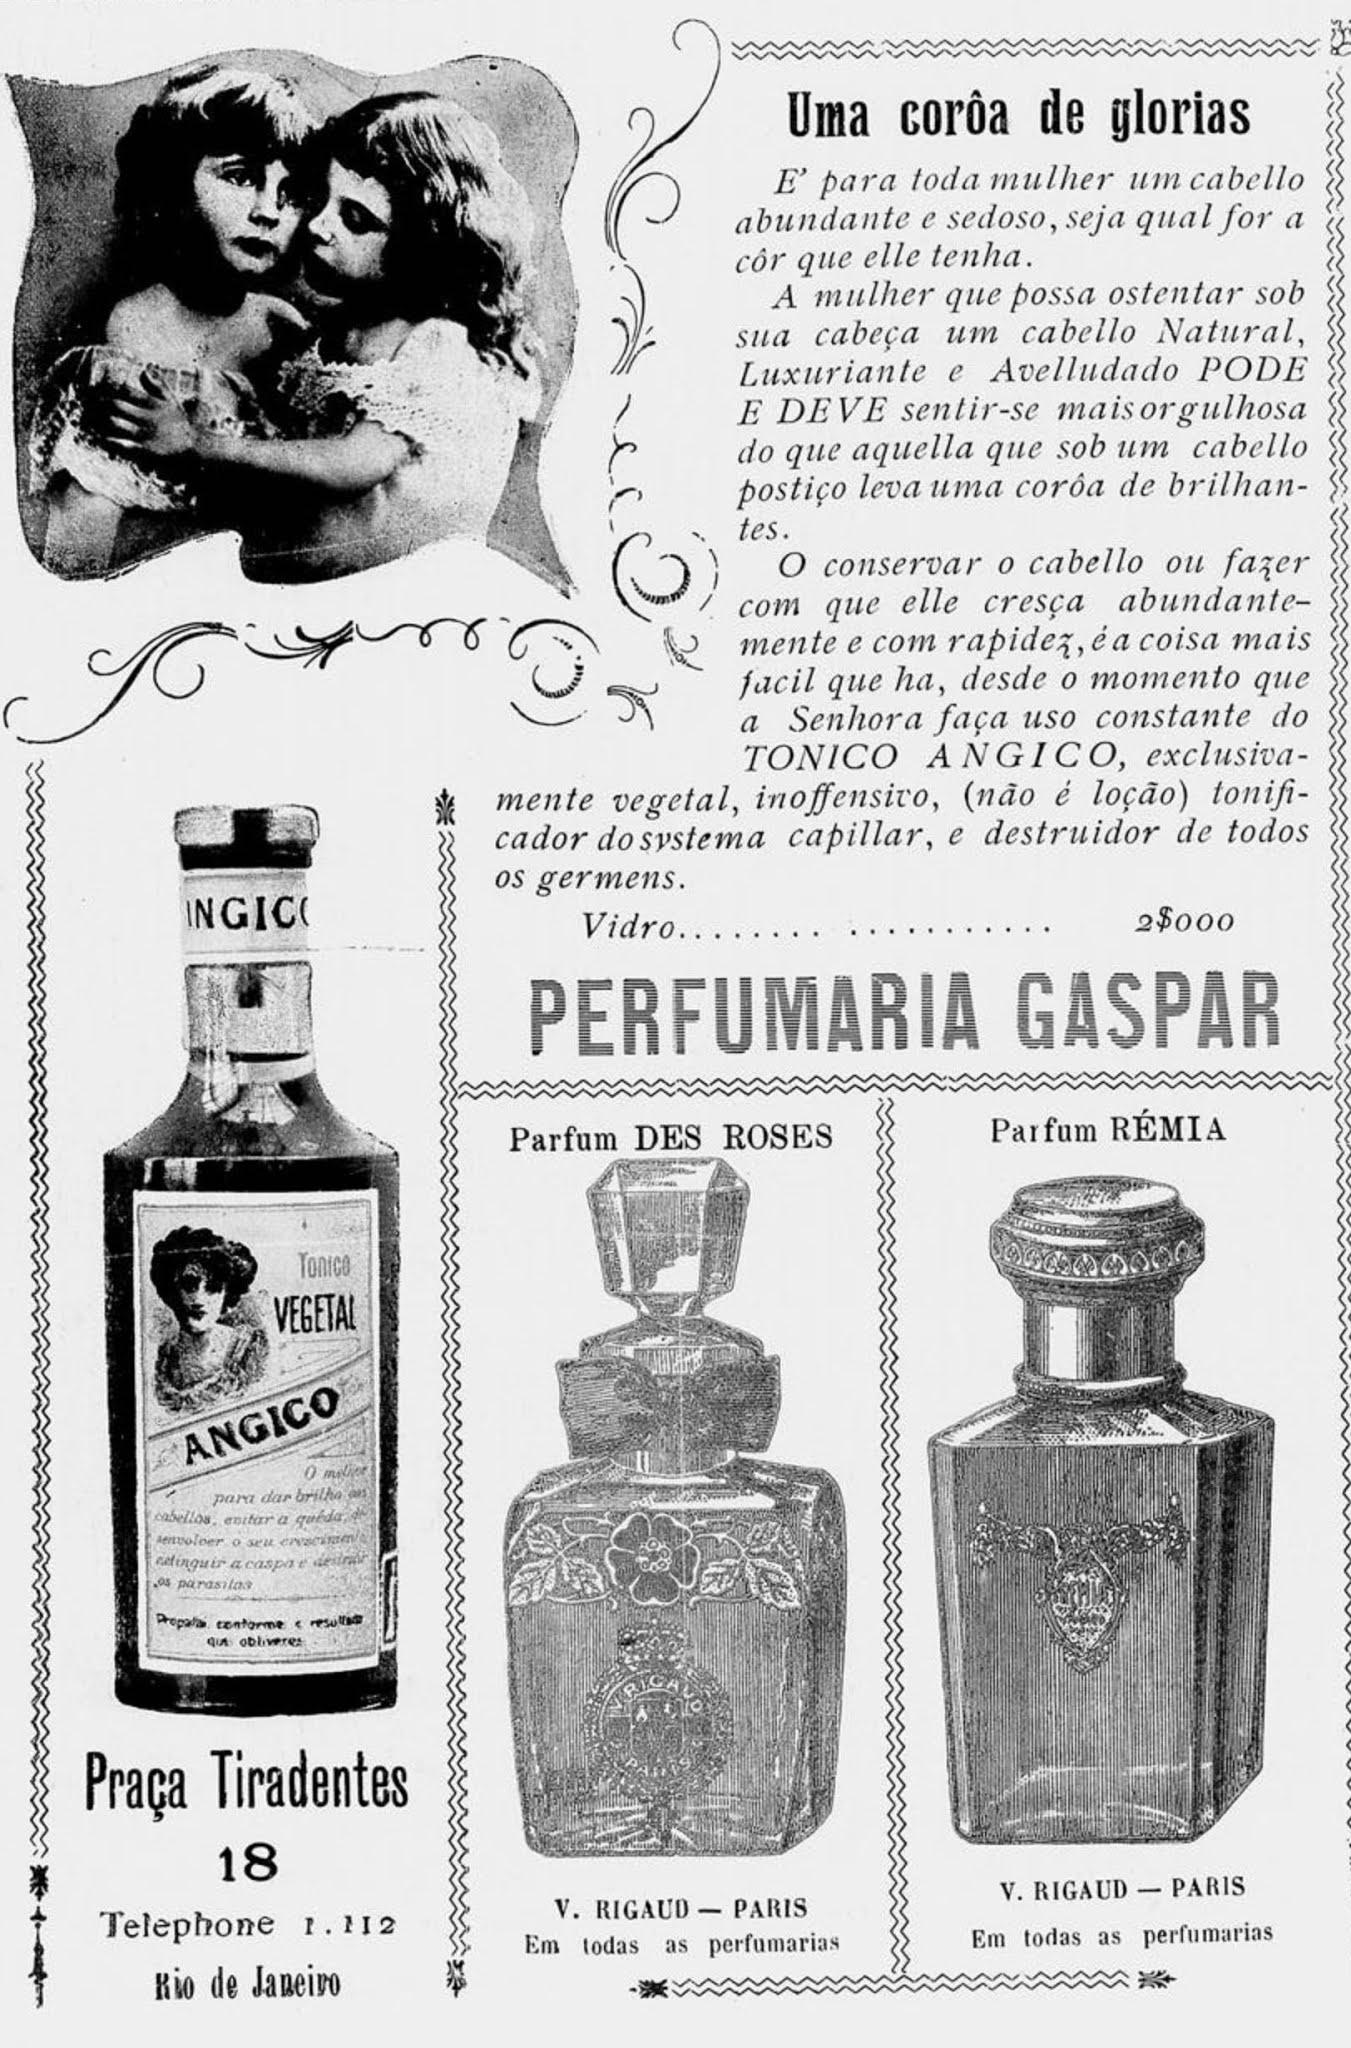 Anúncio antigo da Perfumaria Gaspar veiculado em 1911